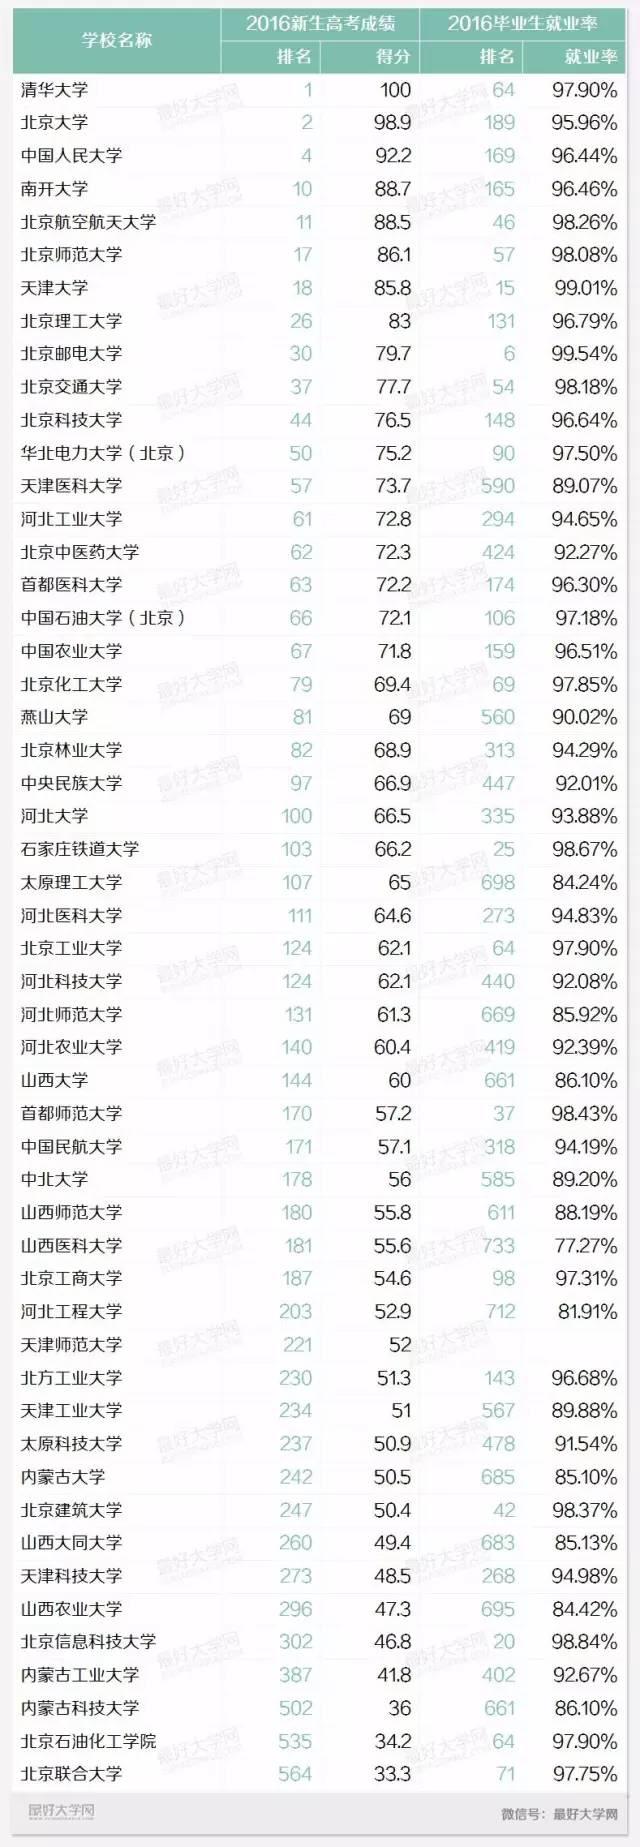 盘点华北地区最好的52所大学:清华大学居首